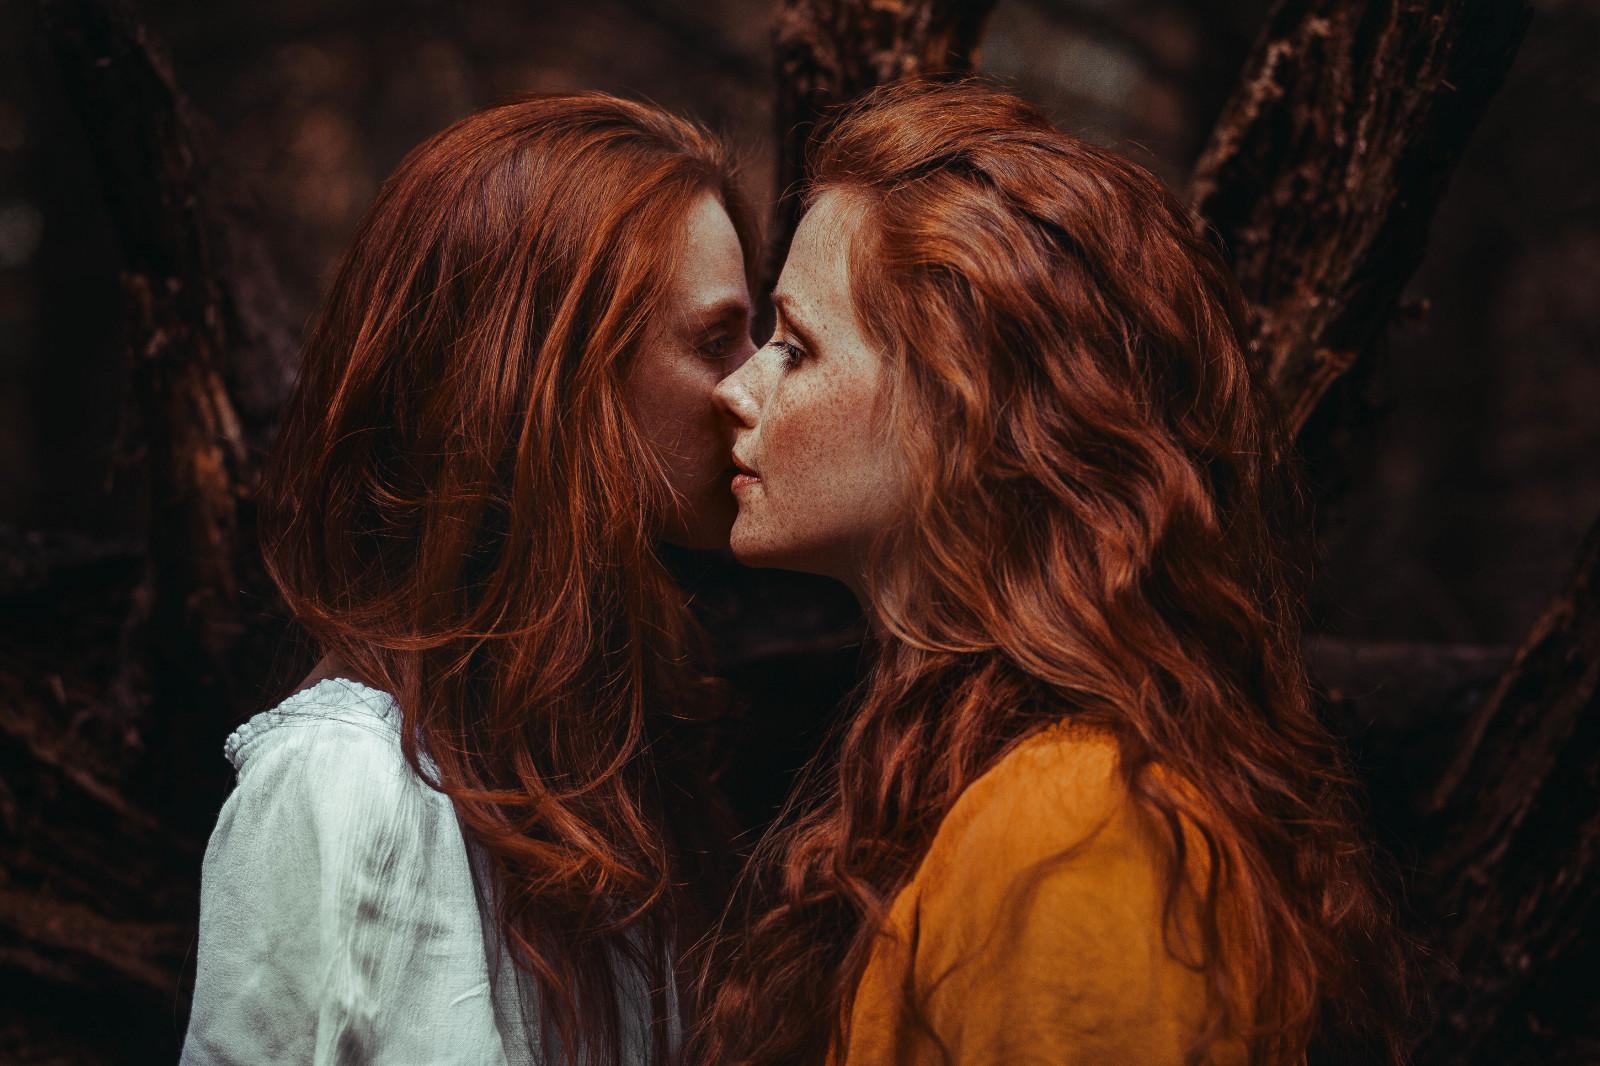 рыжие девушки целуются видео - 14